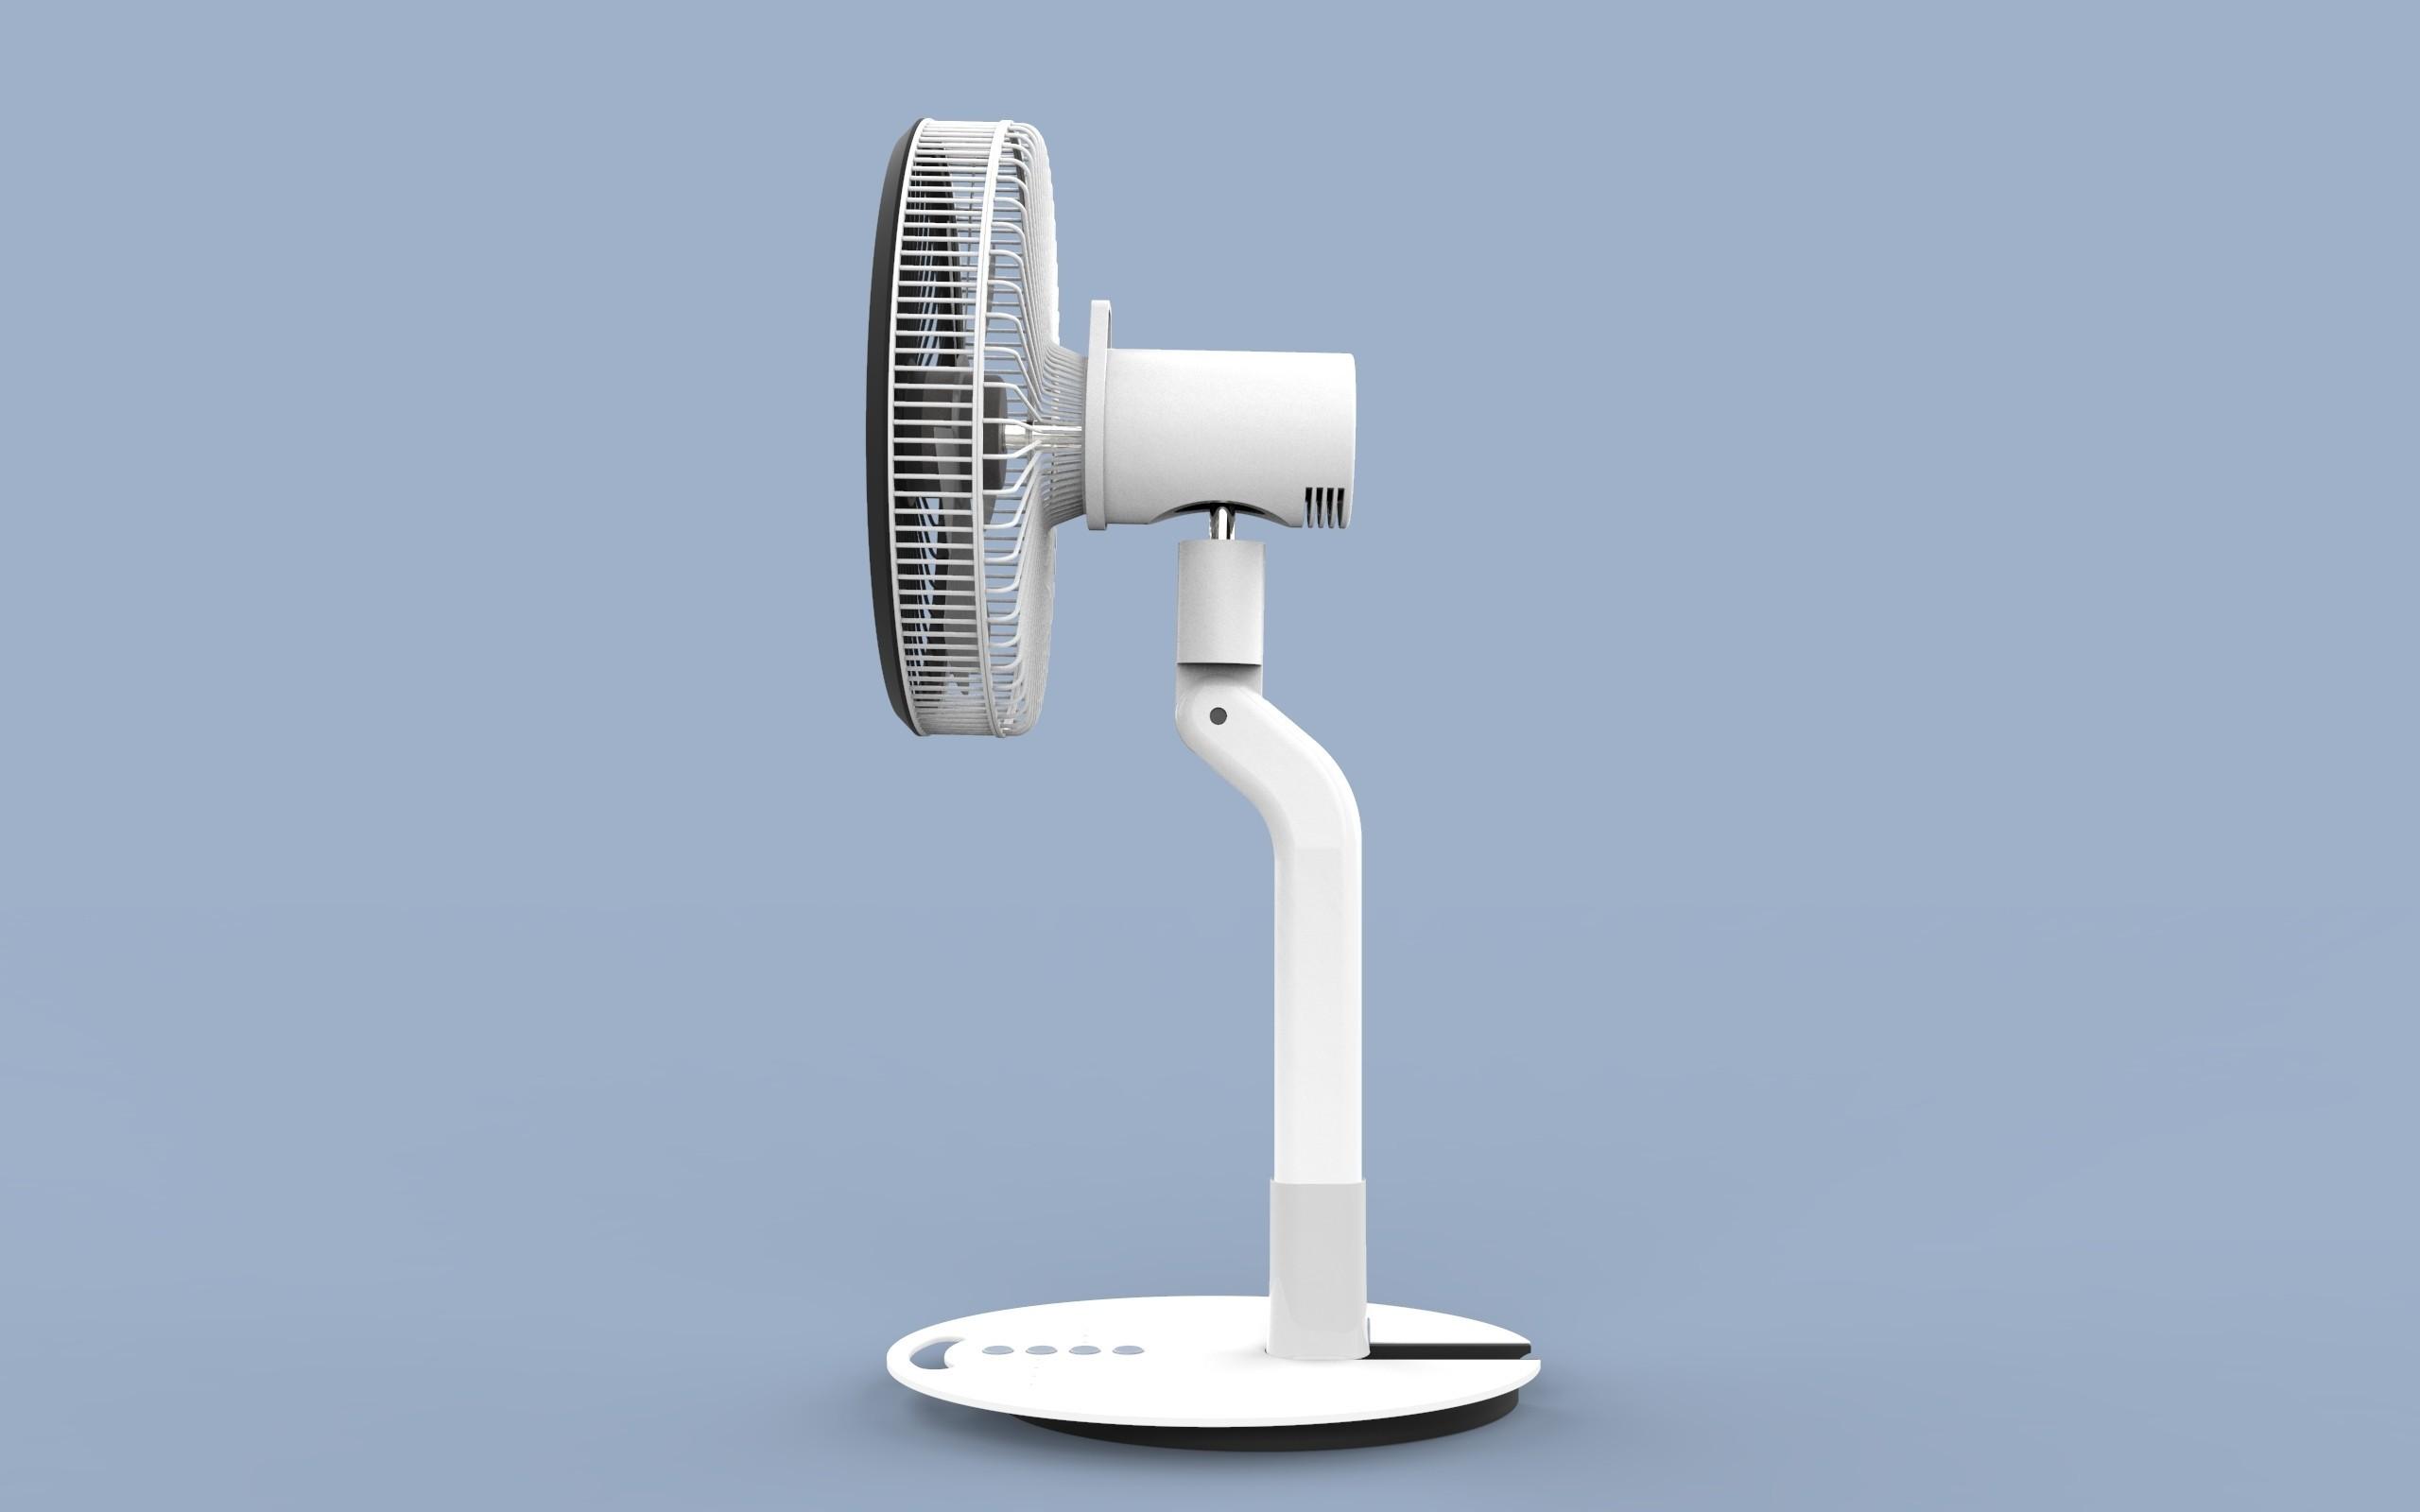 ff.335.jpg Download STL file Folding Table Fan • 3D printer object, Dekro